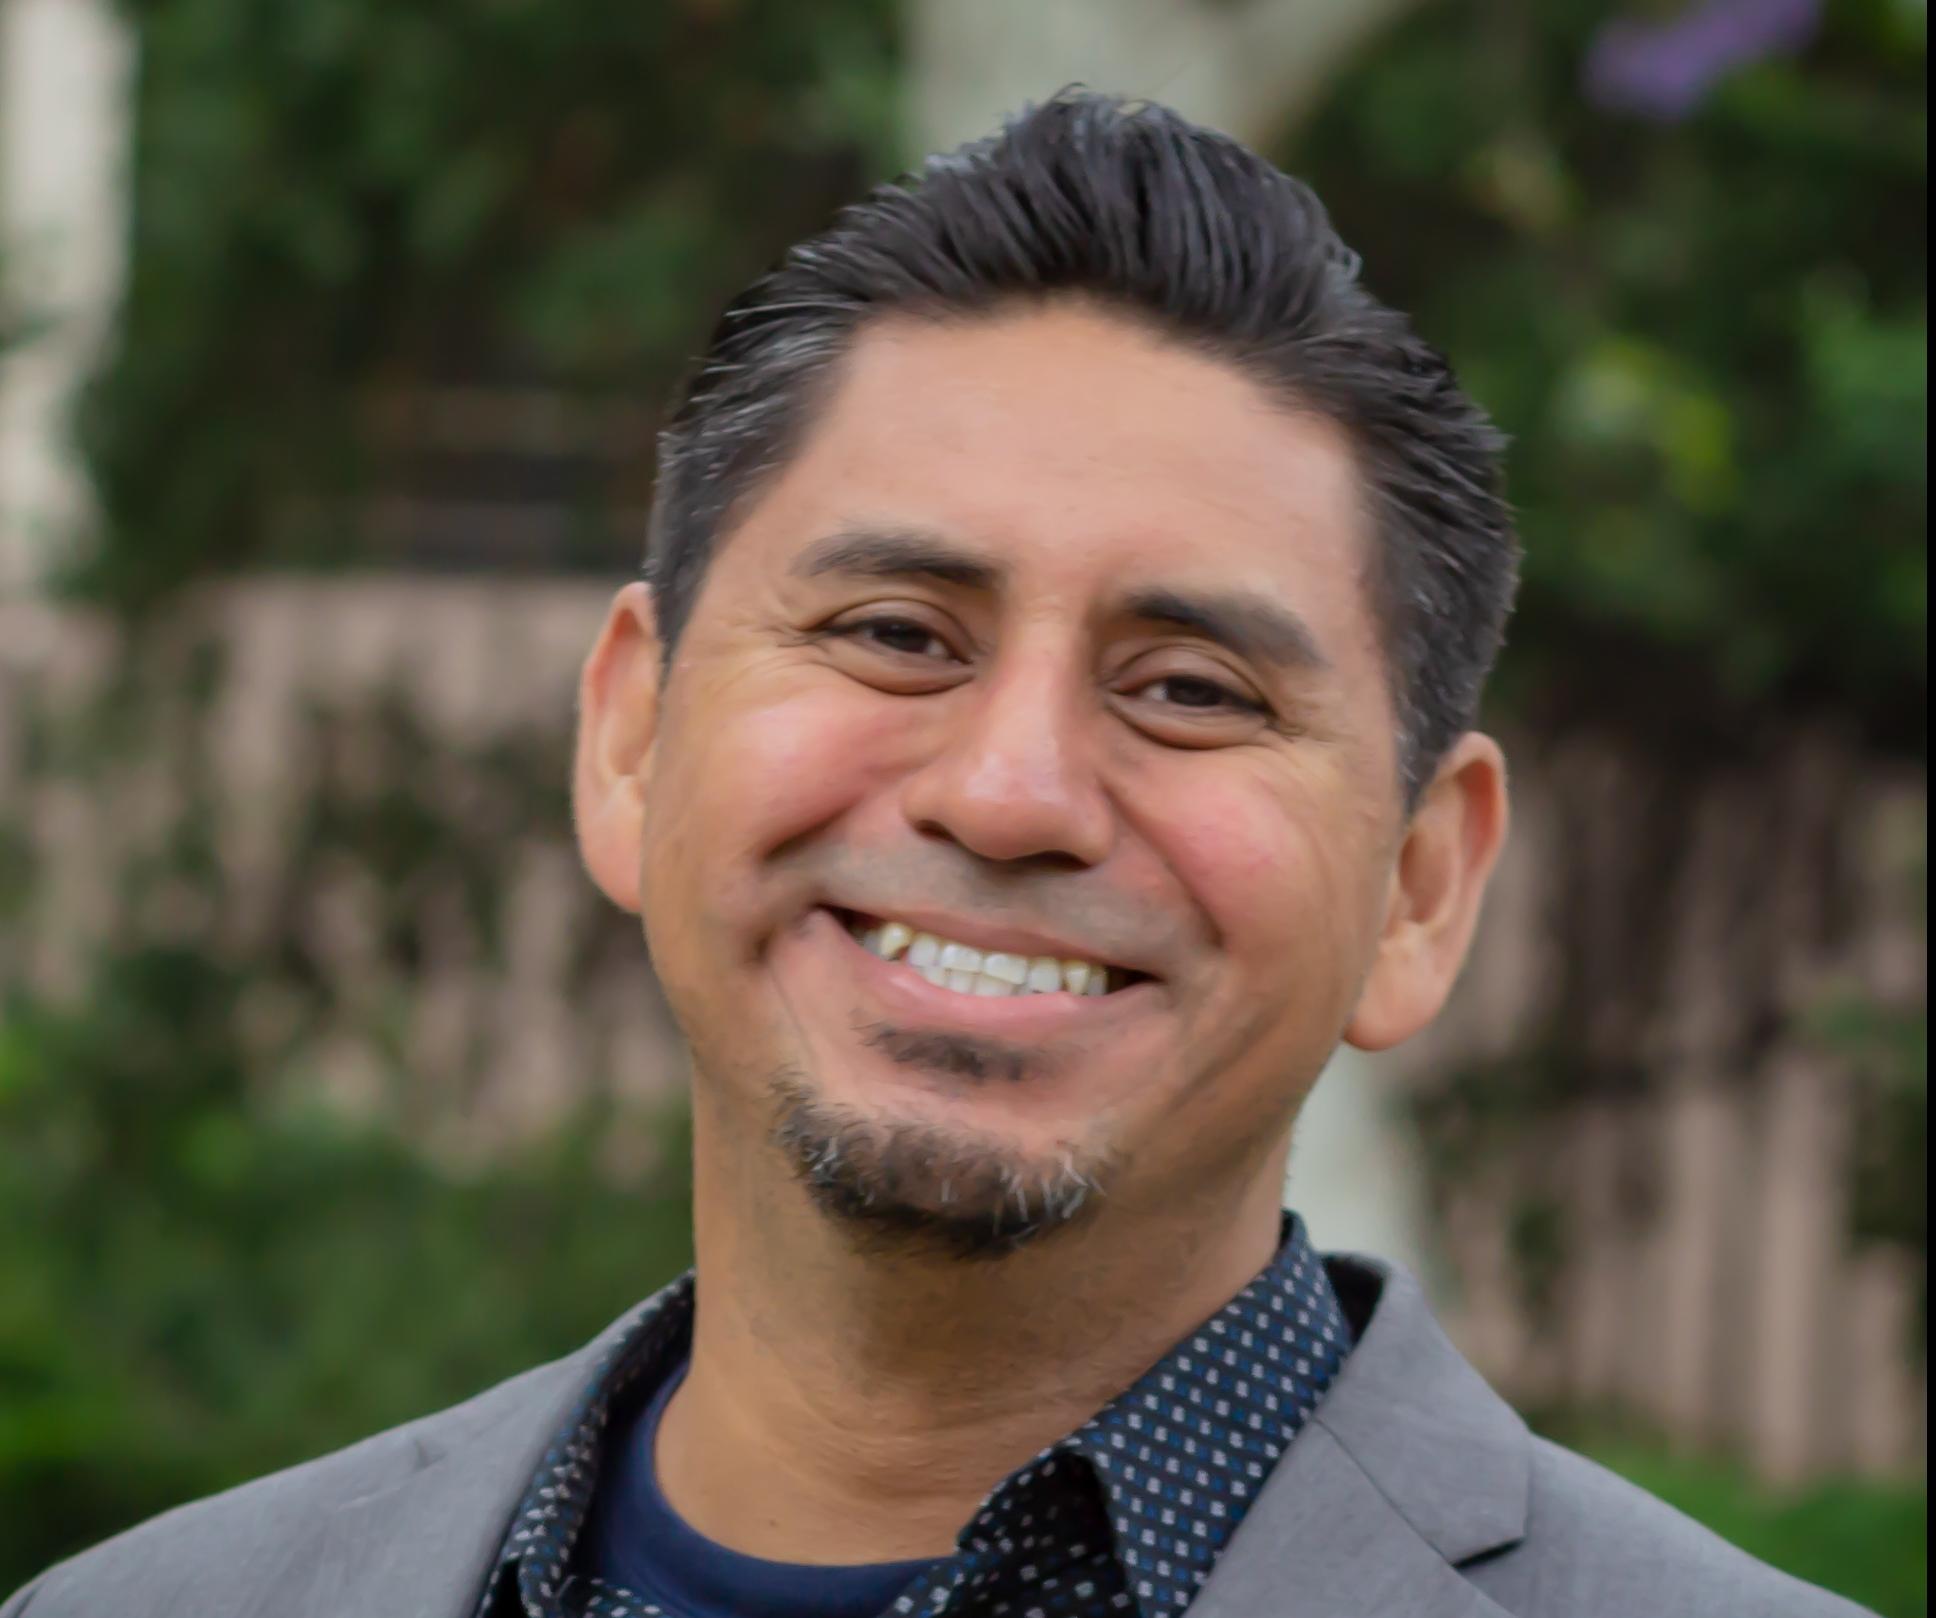 Rafael Ramirez Solorzano